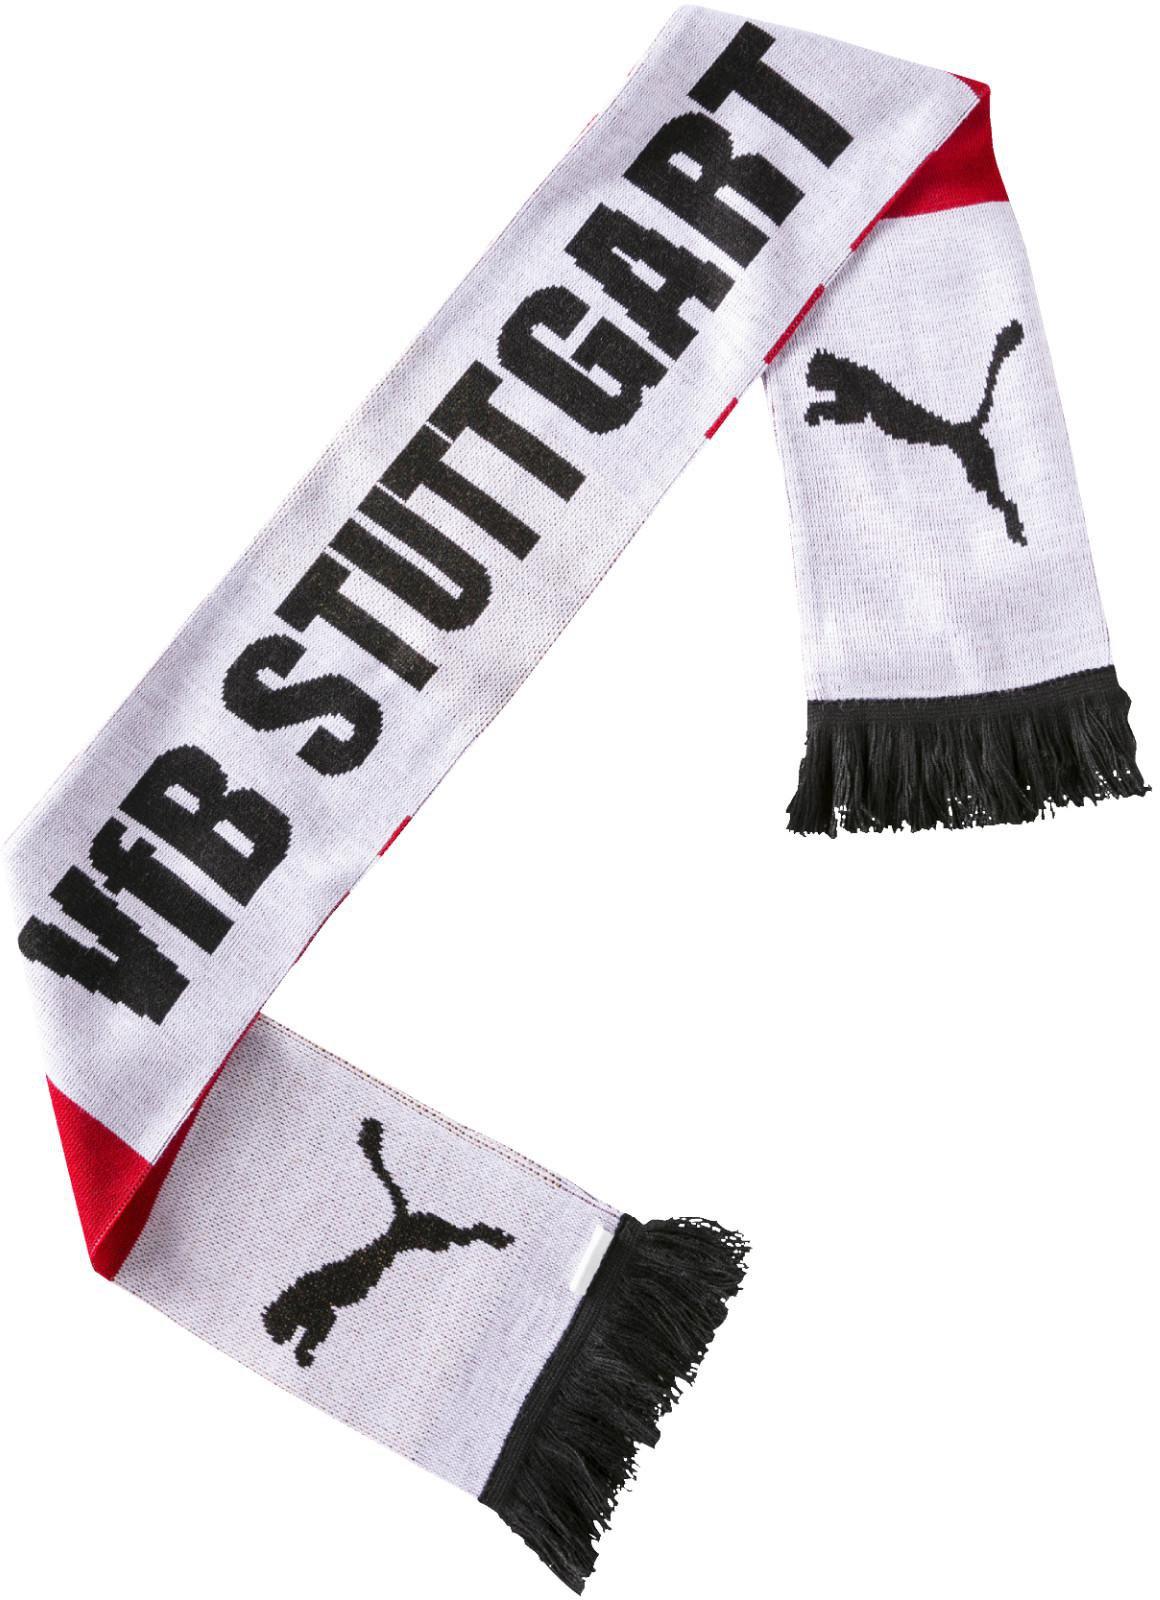 Wolldecke Vfb Stuttgart Turmalin Turmalin Turmalin Ferninfrarot W